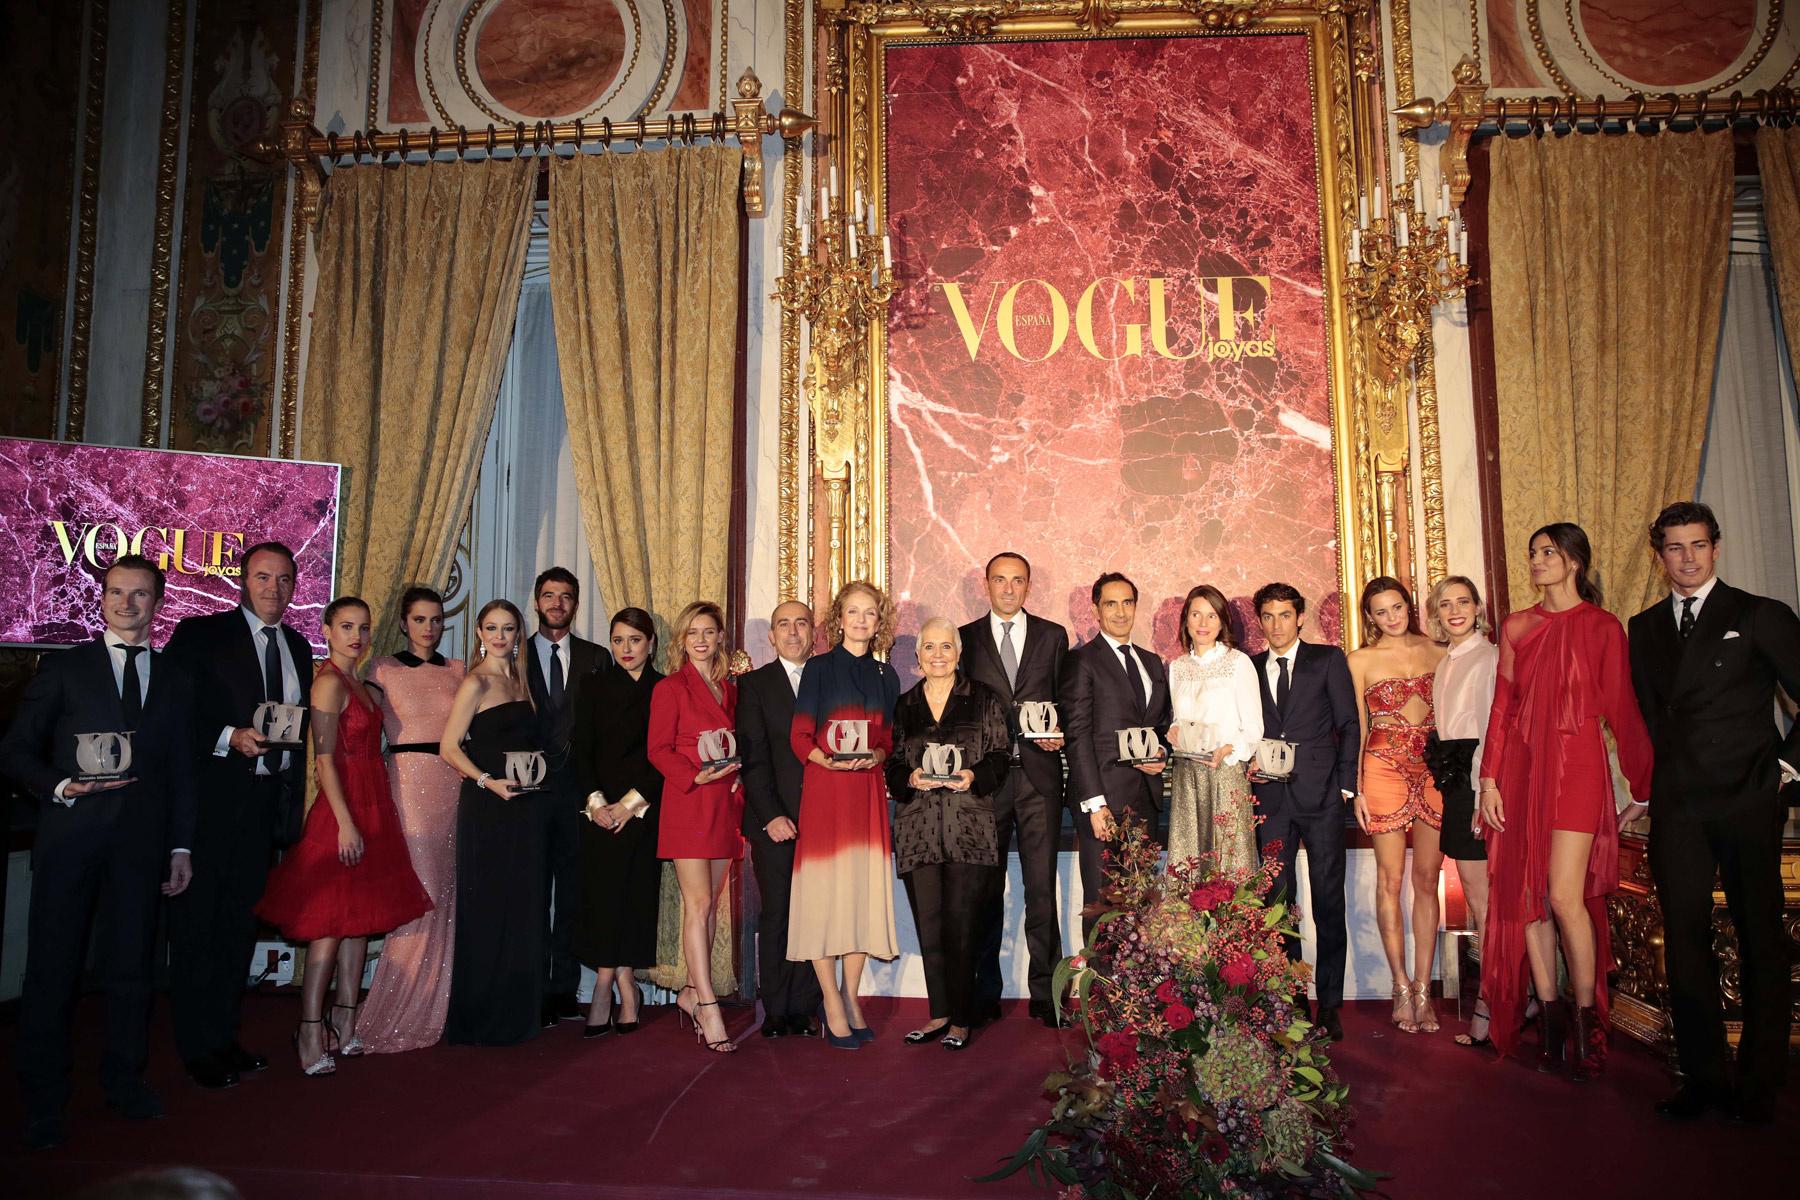 Fotos ganadores Premios Vogue 2017 realizados en el Palacio de Santoña